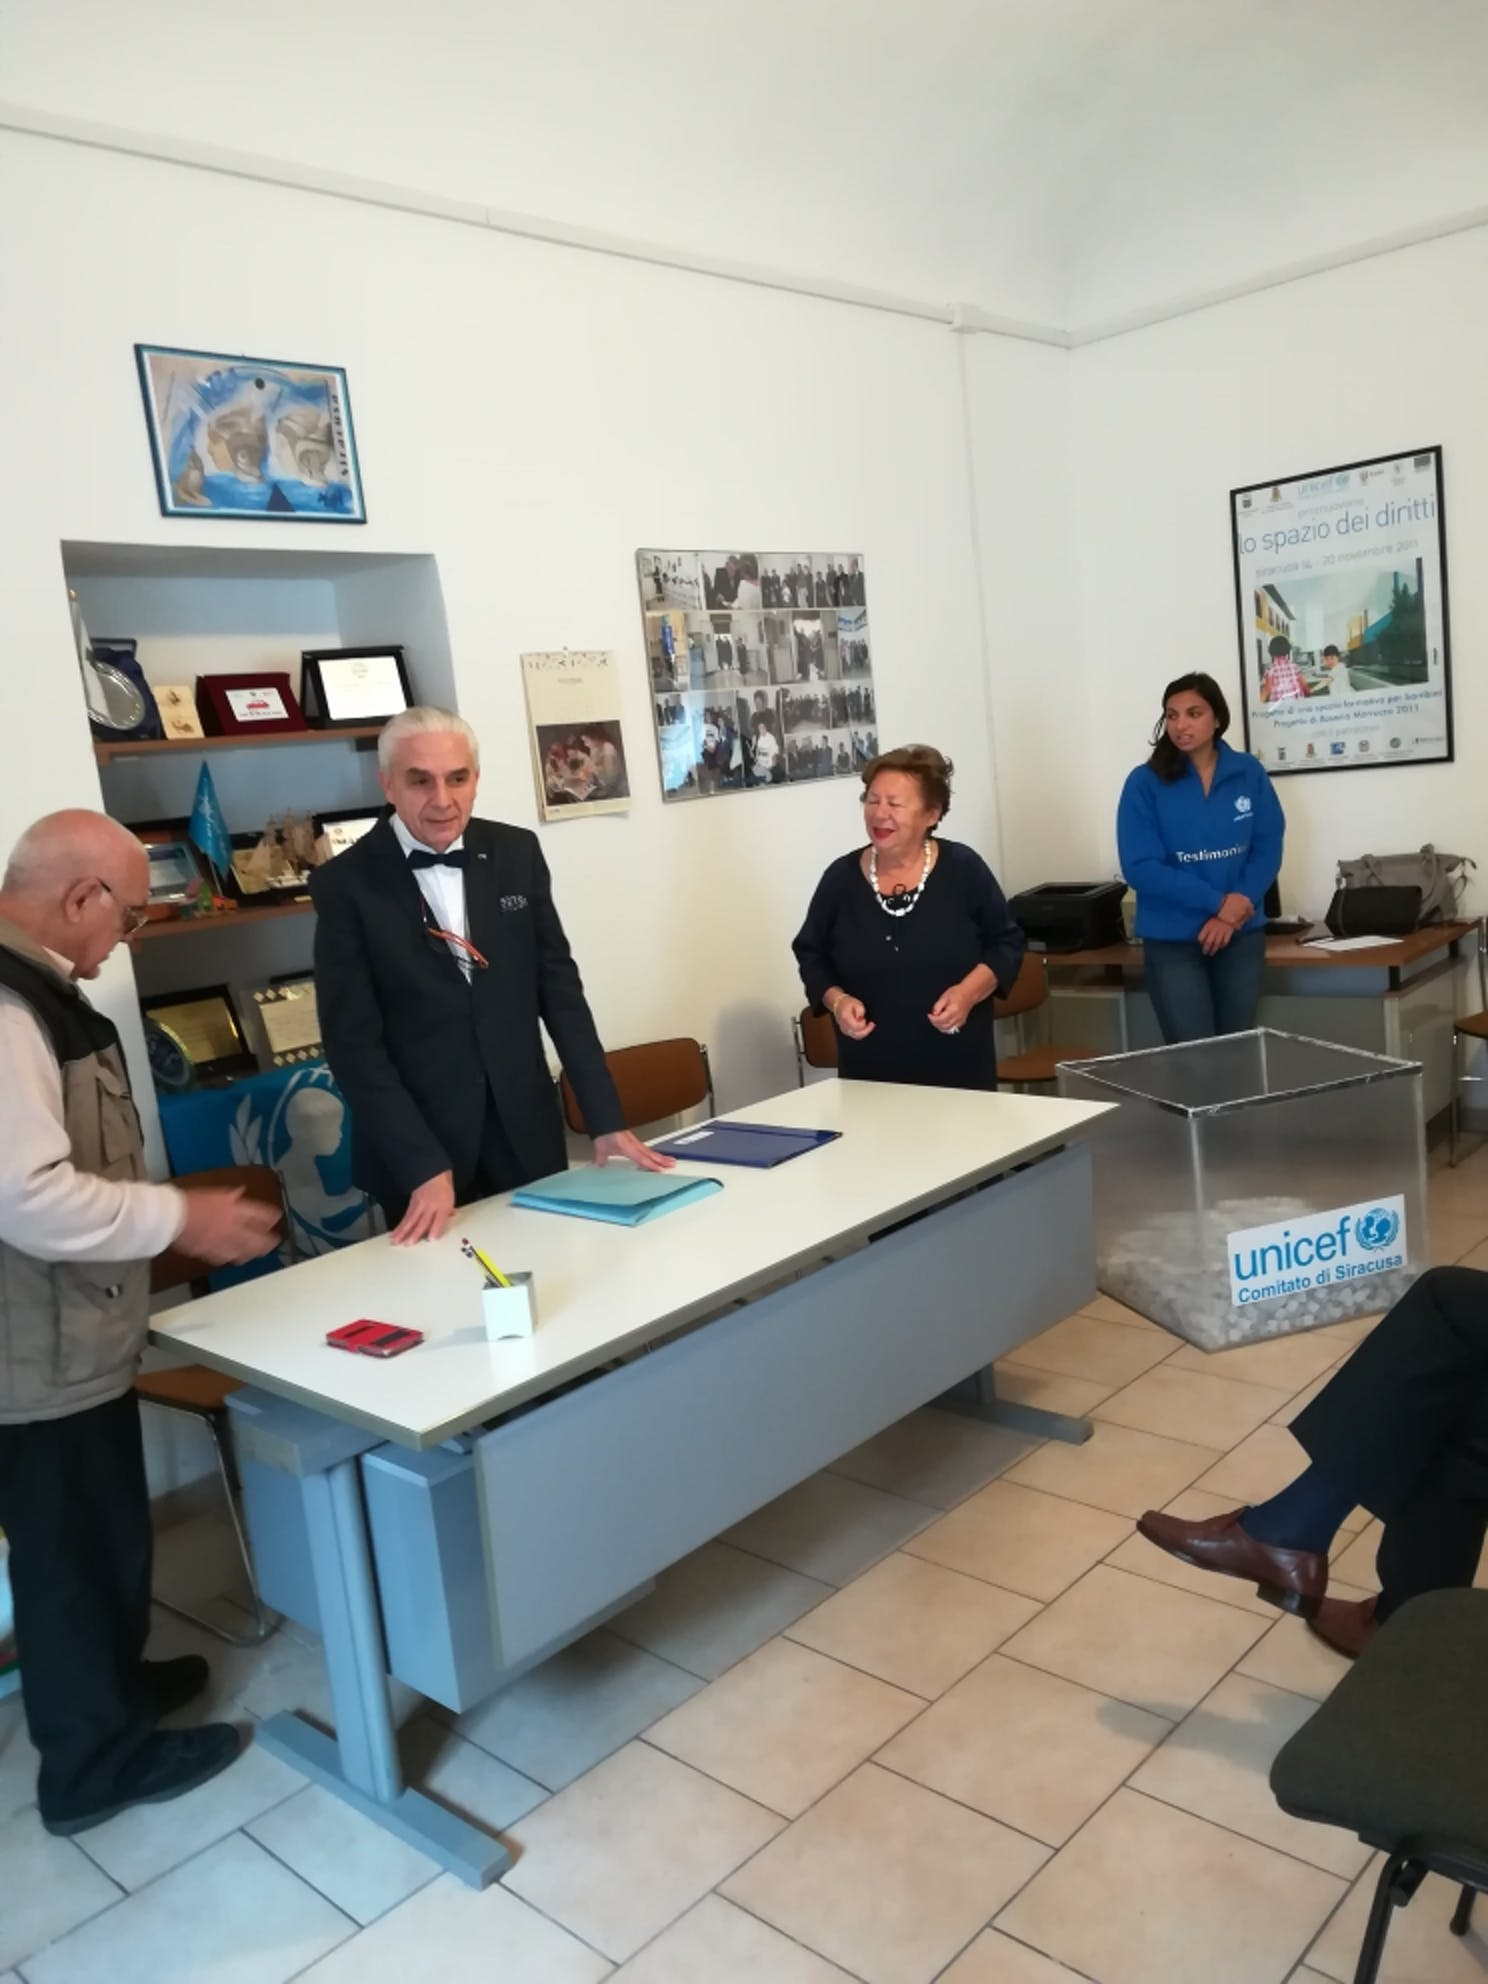 Estratti nella sede UNICEF di Siracusa i biglietti vincenti della V° Lotteria dei Diritti